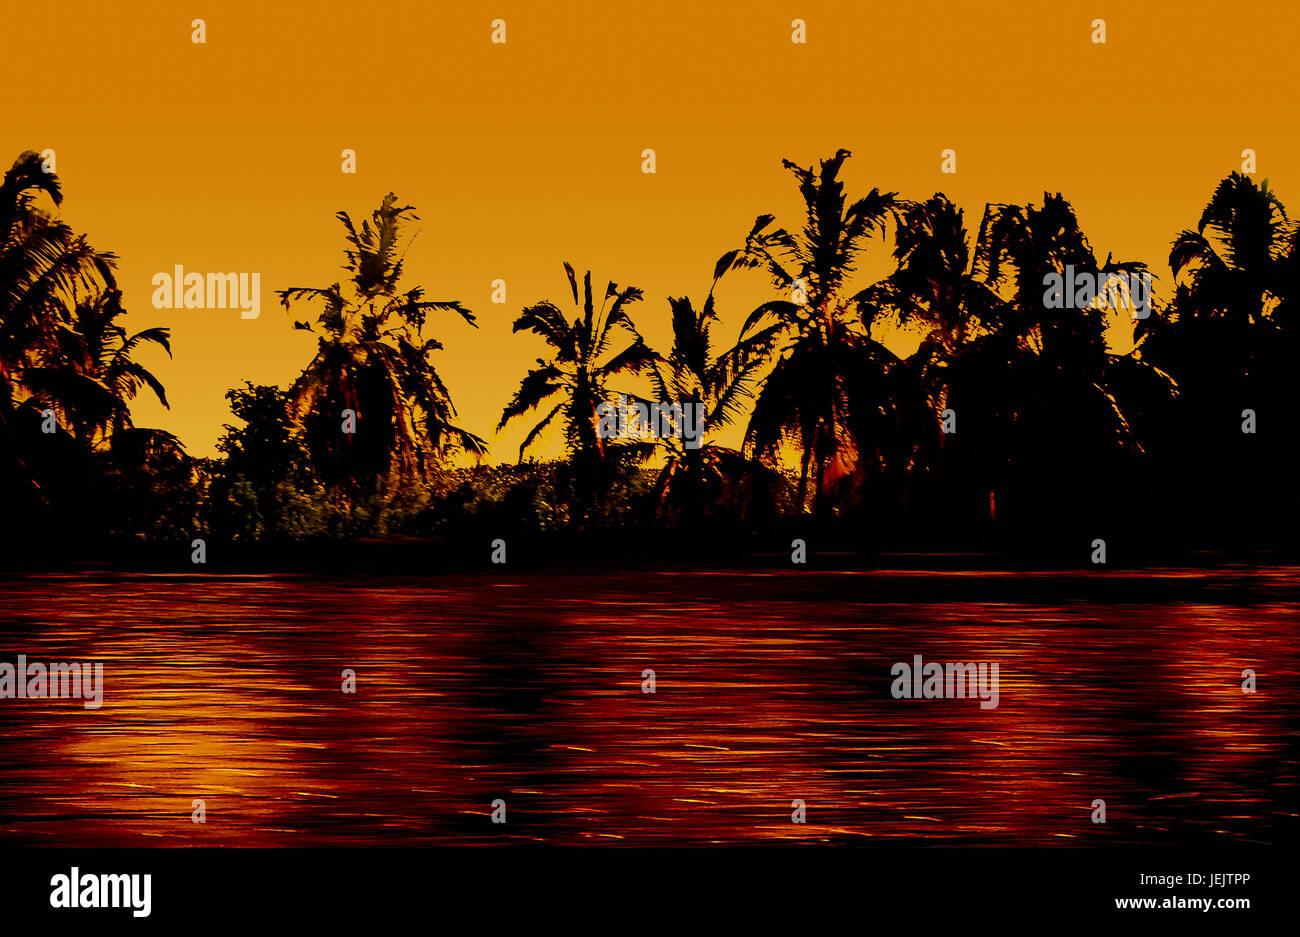 Tropical Sunset Paradise Edited Photo - Stock Image